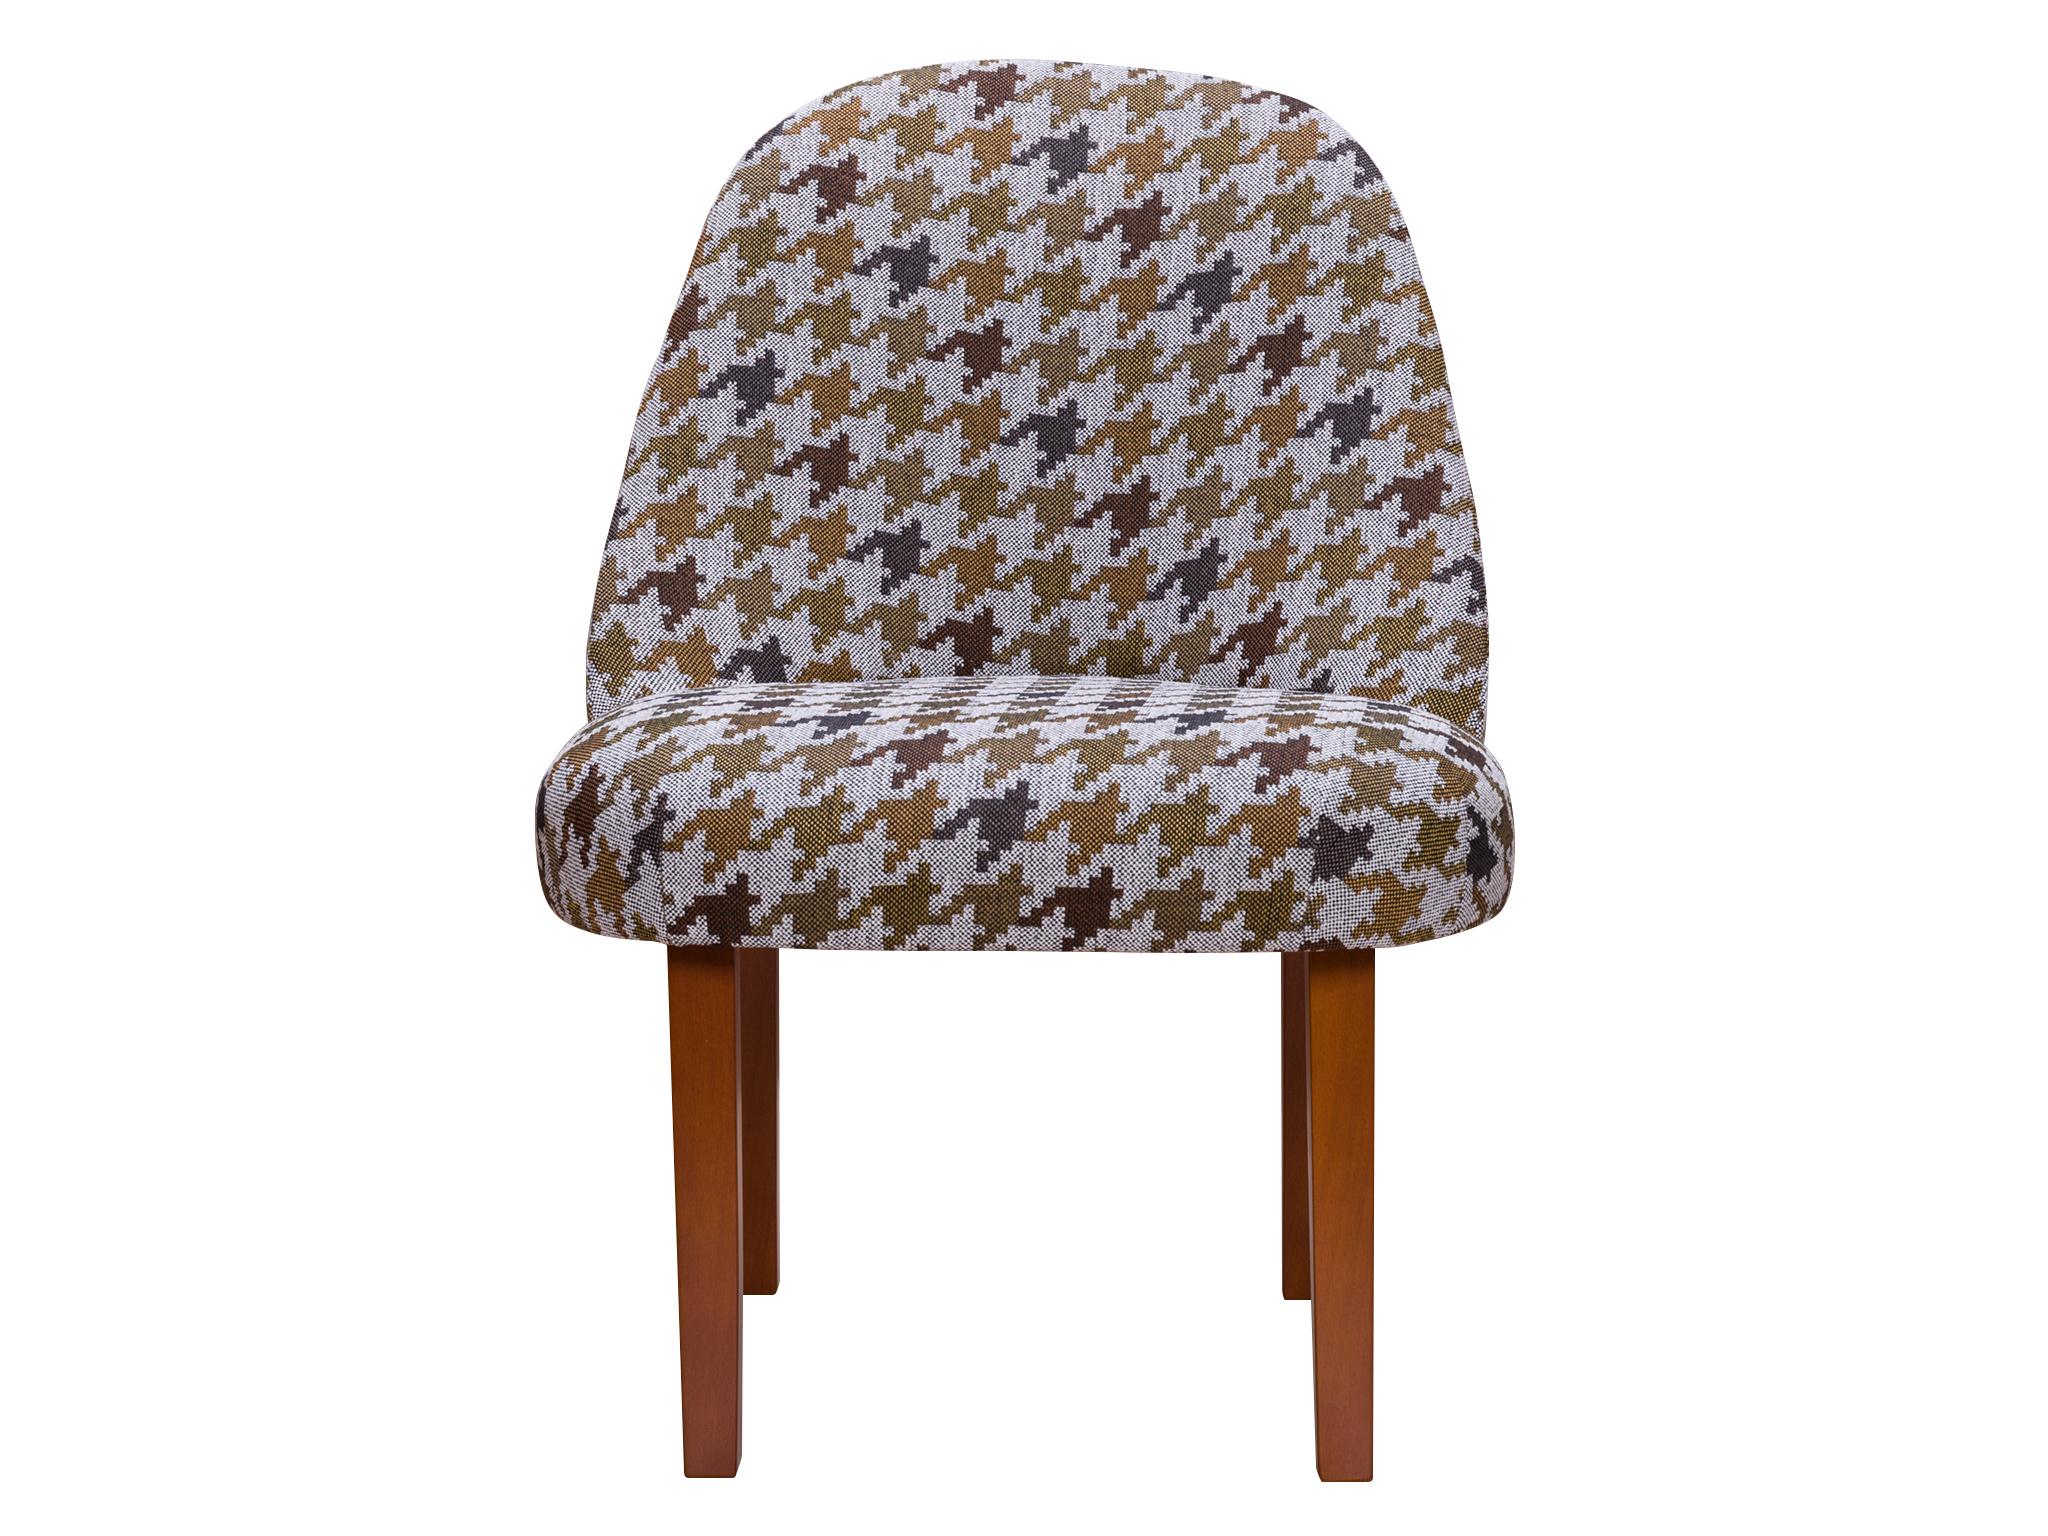 Стул МишельОбеденные стулья<br>Компактная модель кресла - стула разработана технологами фабрики для удобной посадки без потери места даже в гостиной за круглым столом, или будуарным столиком в вашей спальной комнате, или как вариант для детской без единого острого угла&amp;lt;div&amp;gt;Материал каркаса: брус, фанера&amp;amp;nbsp;&amp;lt;/div&amp;gt;&amp;lt;div&amp;gt;Особенность модели: спинка создана с плавным переходом в боковой уровень, что прекрасно заменяет подлокотники.&amp;lt;/div&amp;gt;&amp;lt;div&amp;gt;&amp;lt;br&amp;gt;&amp;lt;/div&amp;gt;&amp;lt;div&amp;gt;Изделие можно заказать в любой ткани, стоимость и срок изготовления уточняйте у менеджера.&amp;lt;/div&amp;gt;<br><br>Material: Текстиль<br>Ширина см: 53.0<br>Высота см: 80.0<br>Глубина см: 53.0